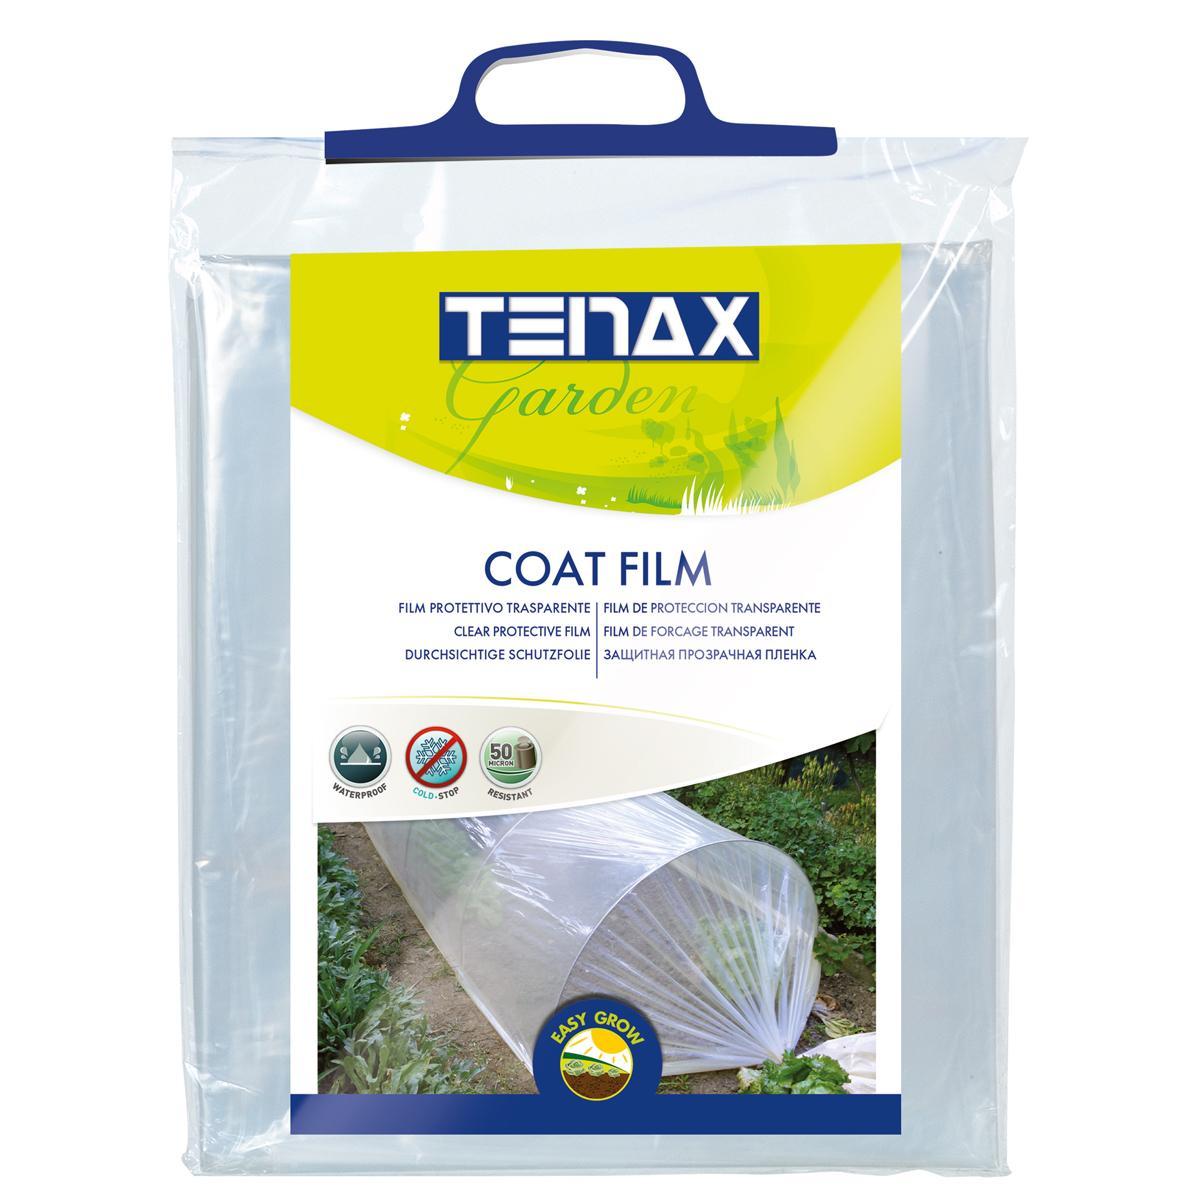 Telo Coat Film Per Tunnel 2 X 10 M